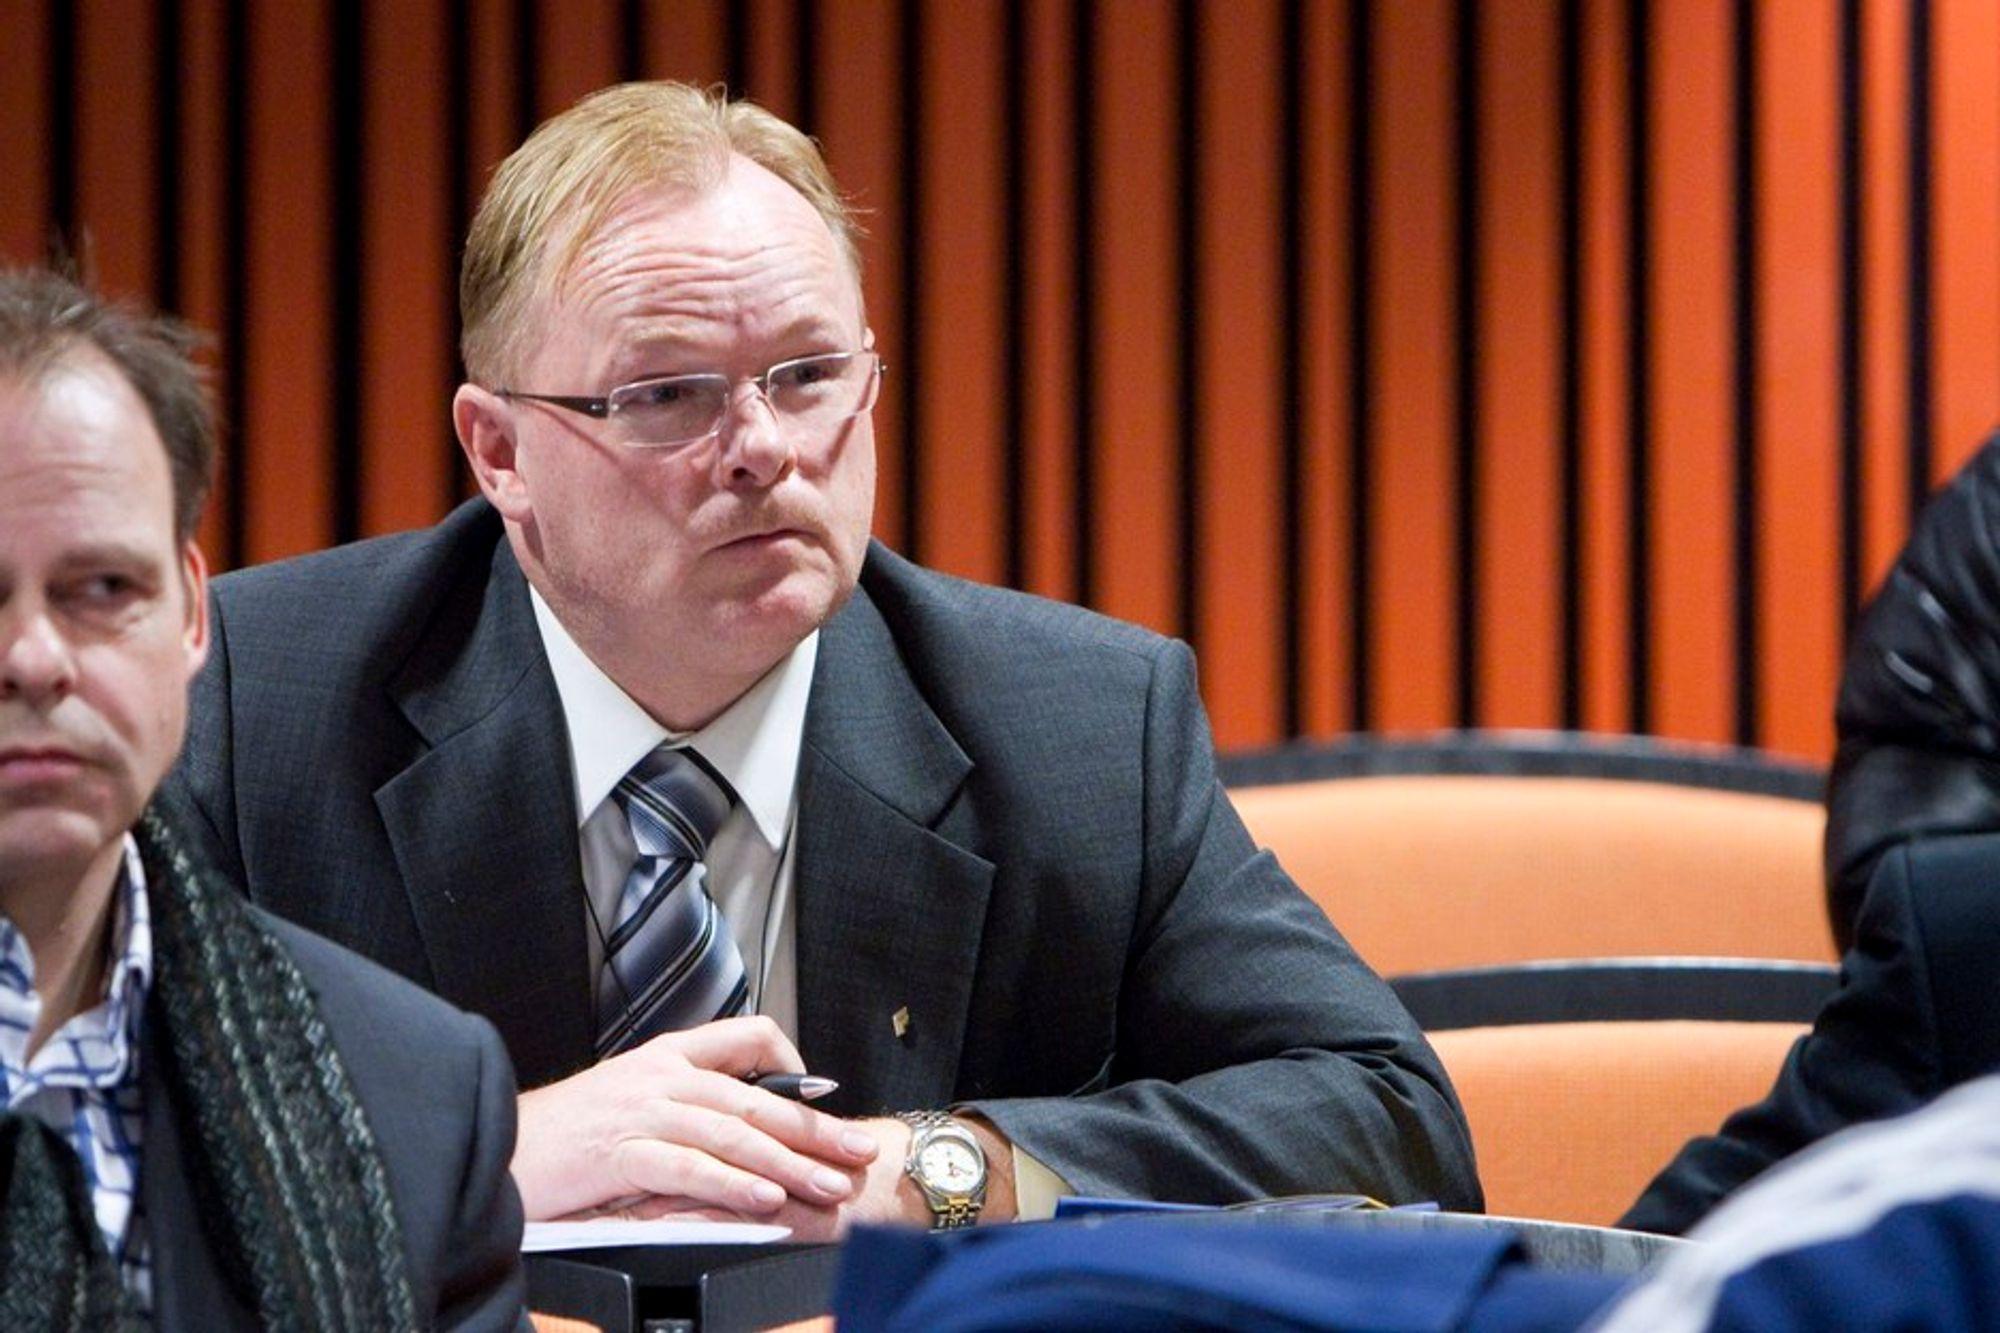 FRYKTER: - Jeg frykter at det er enda verre, sier Fremskrittspartiets Per Sandberg om RIF-rapporten.